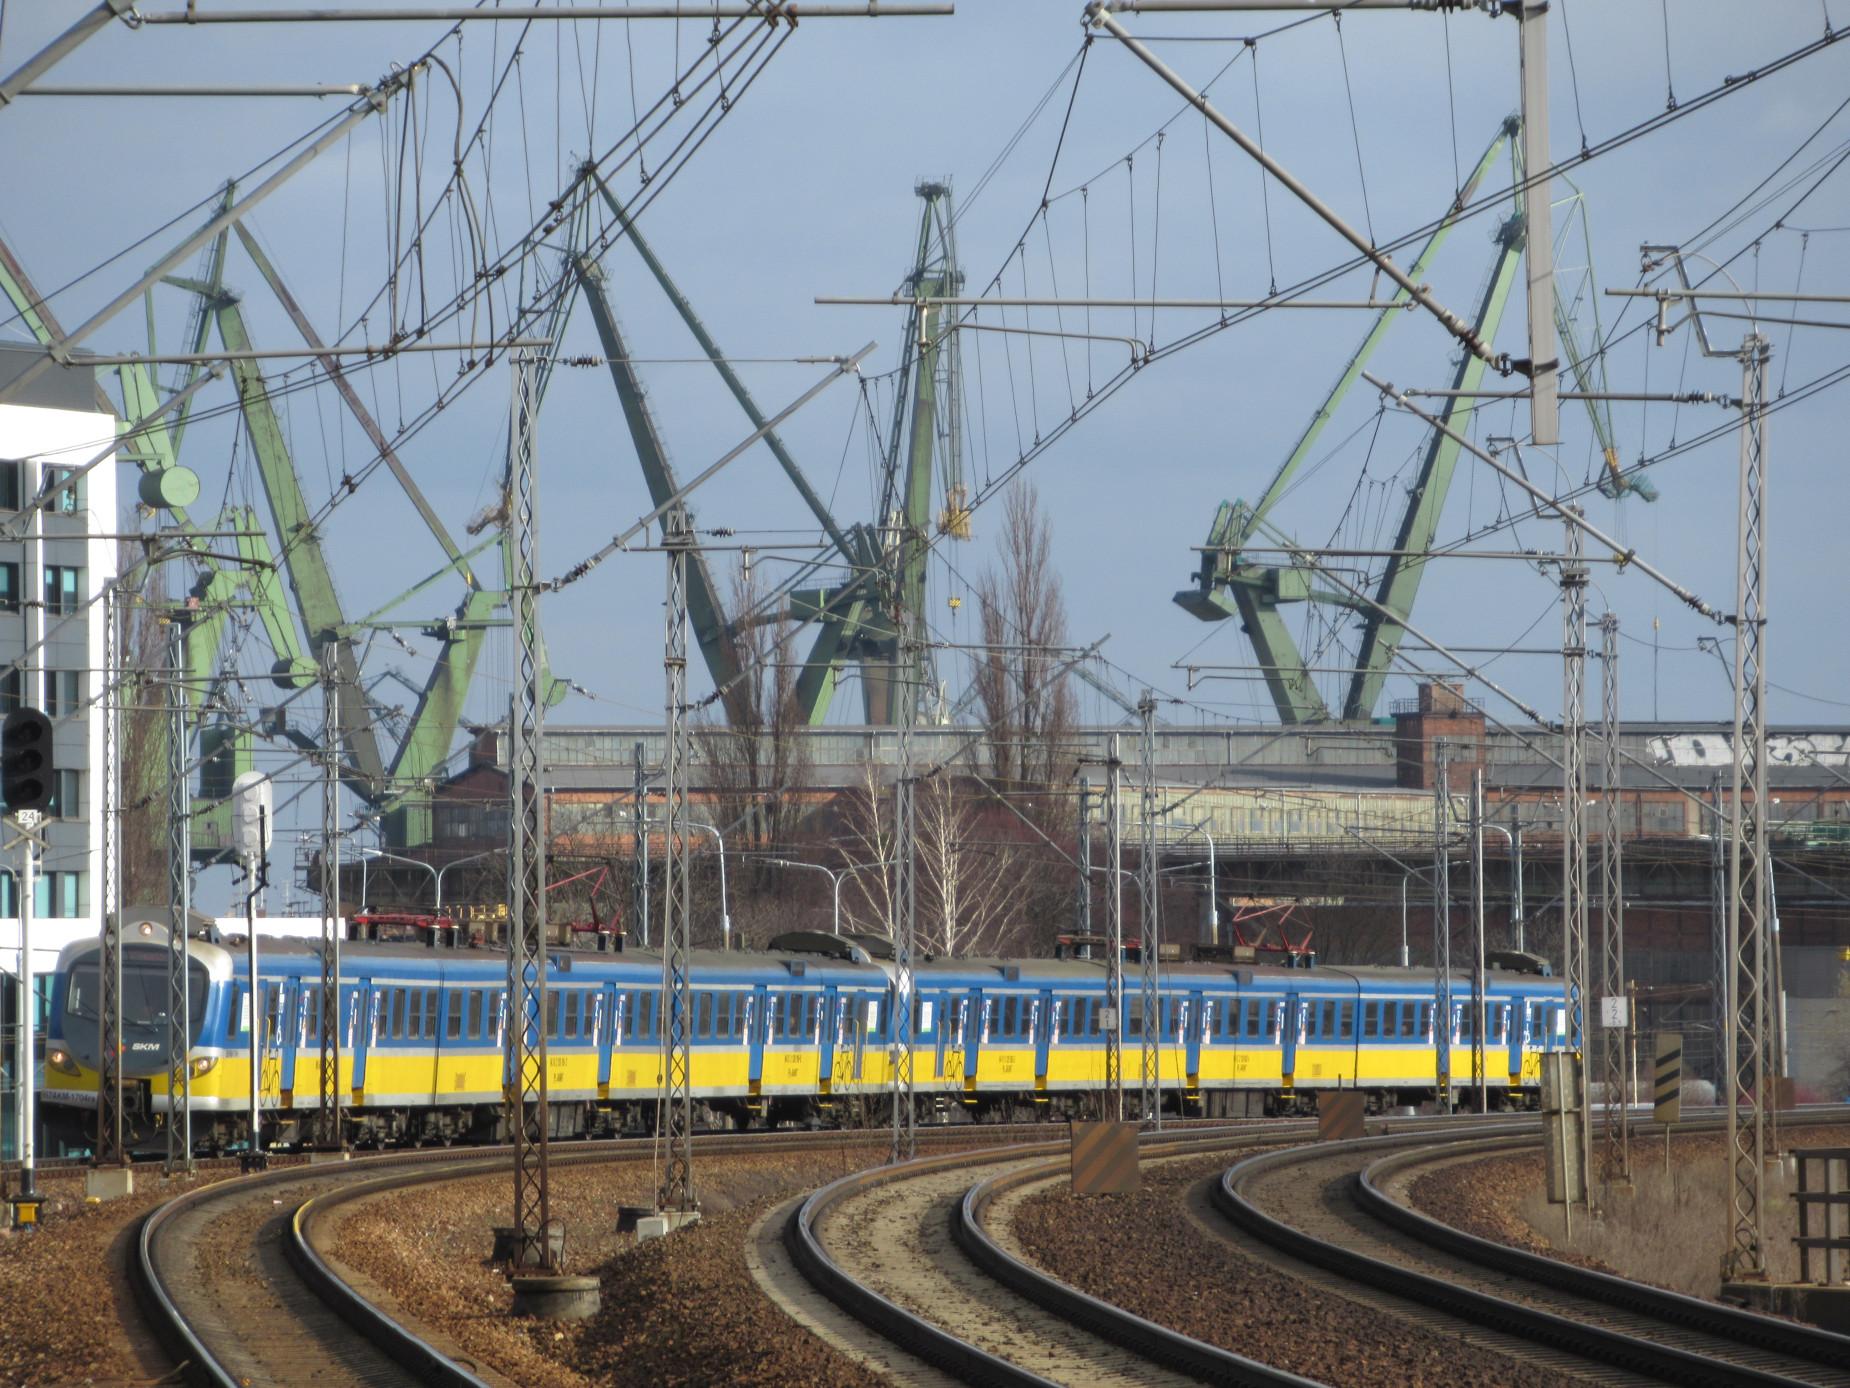 Będzie więcej pociągów na linii SKM. Rozpoczyna się odmrażanie kolejowych połączeń